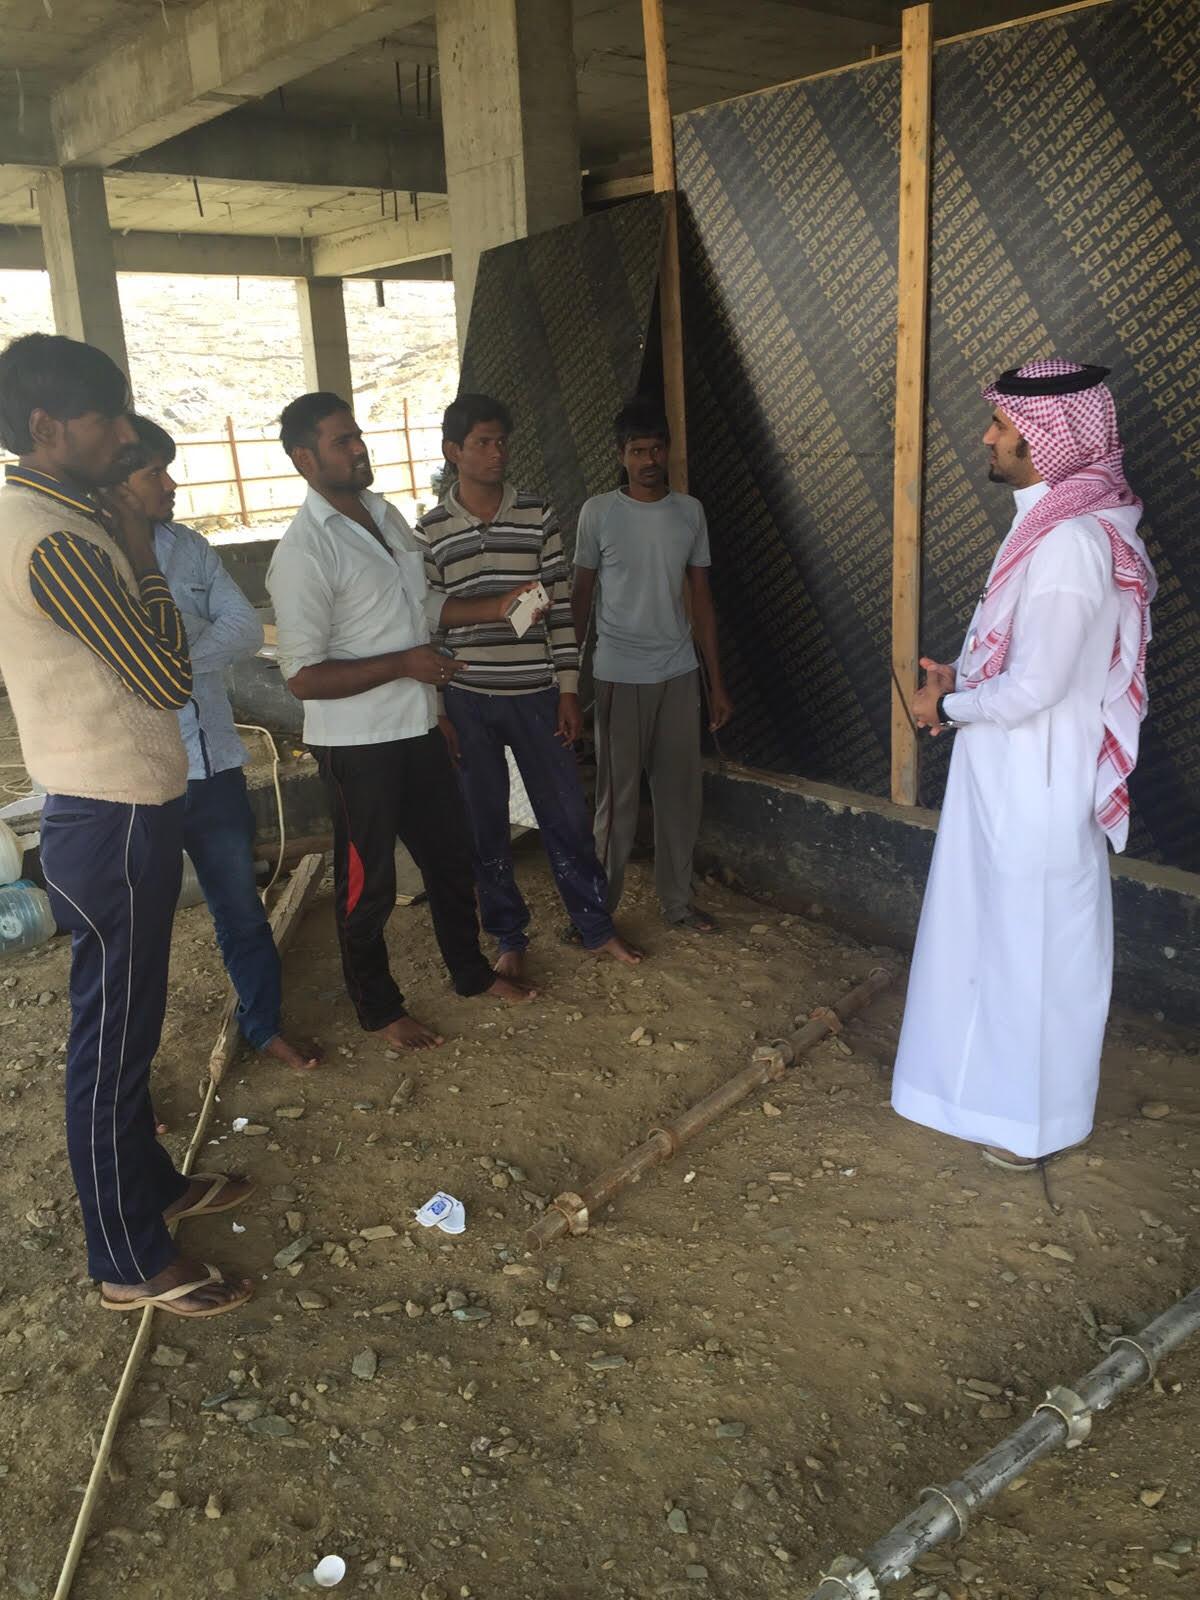 مدير عمل #الباحة يوجه بتأمين سكن ودفع رواتب عمالة متظلمة - المواطن